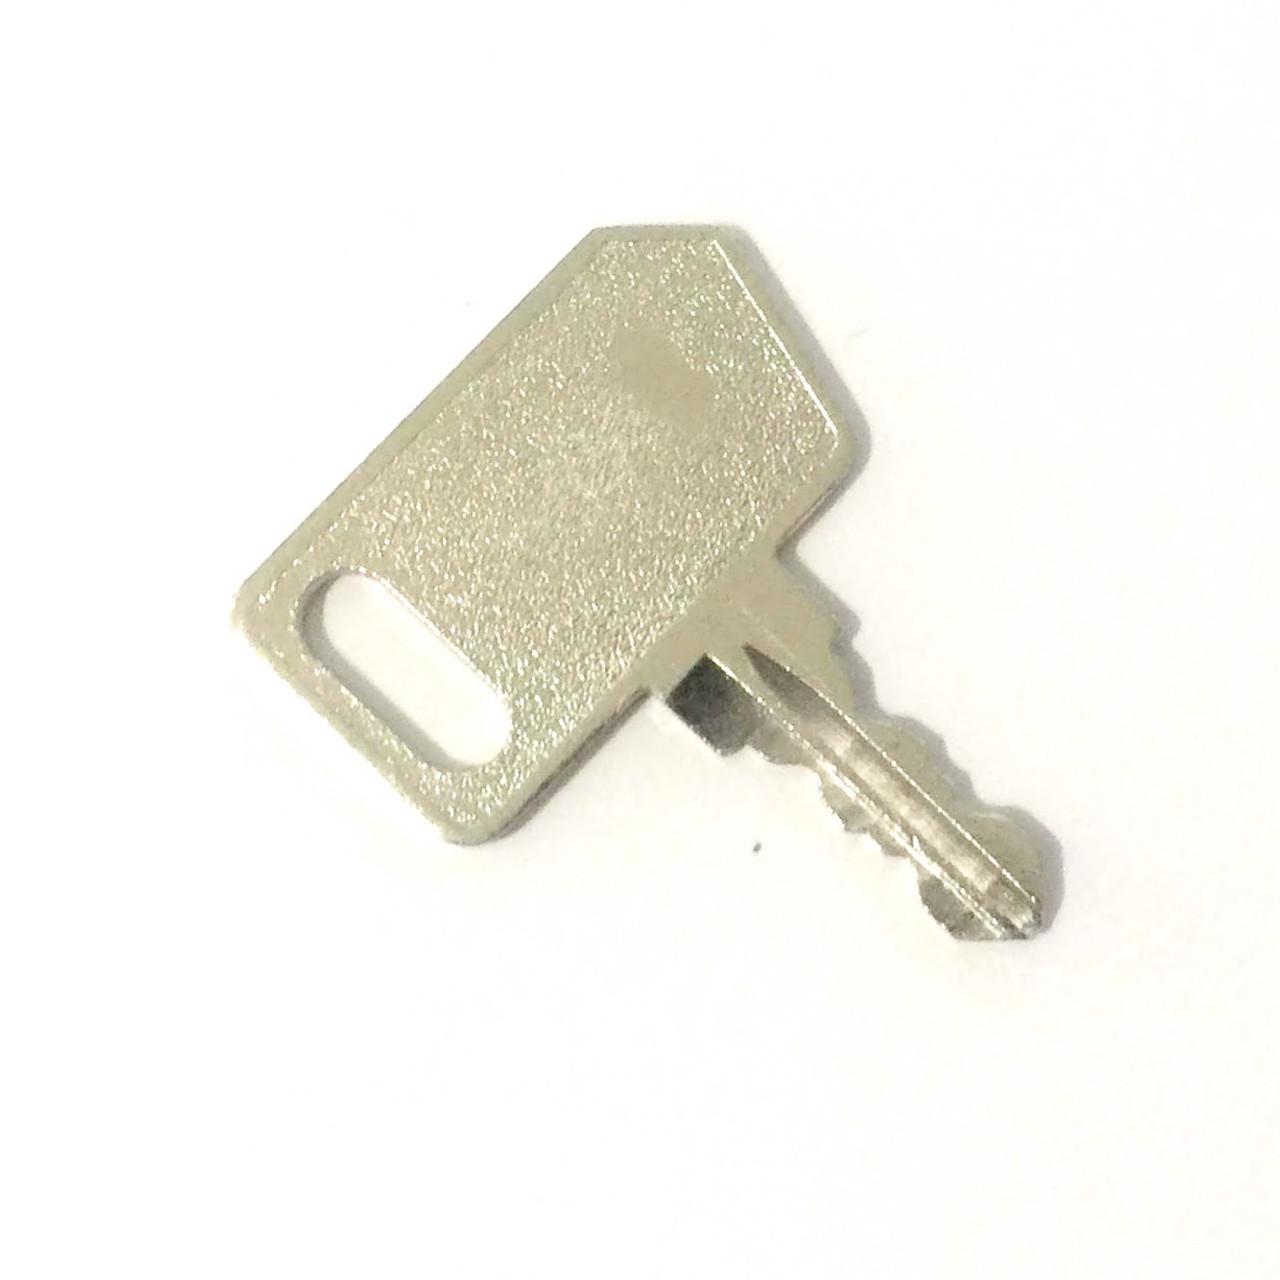 Ammann 14644 Key